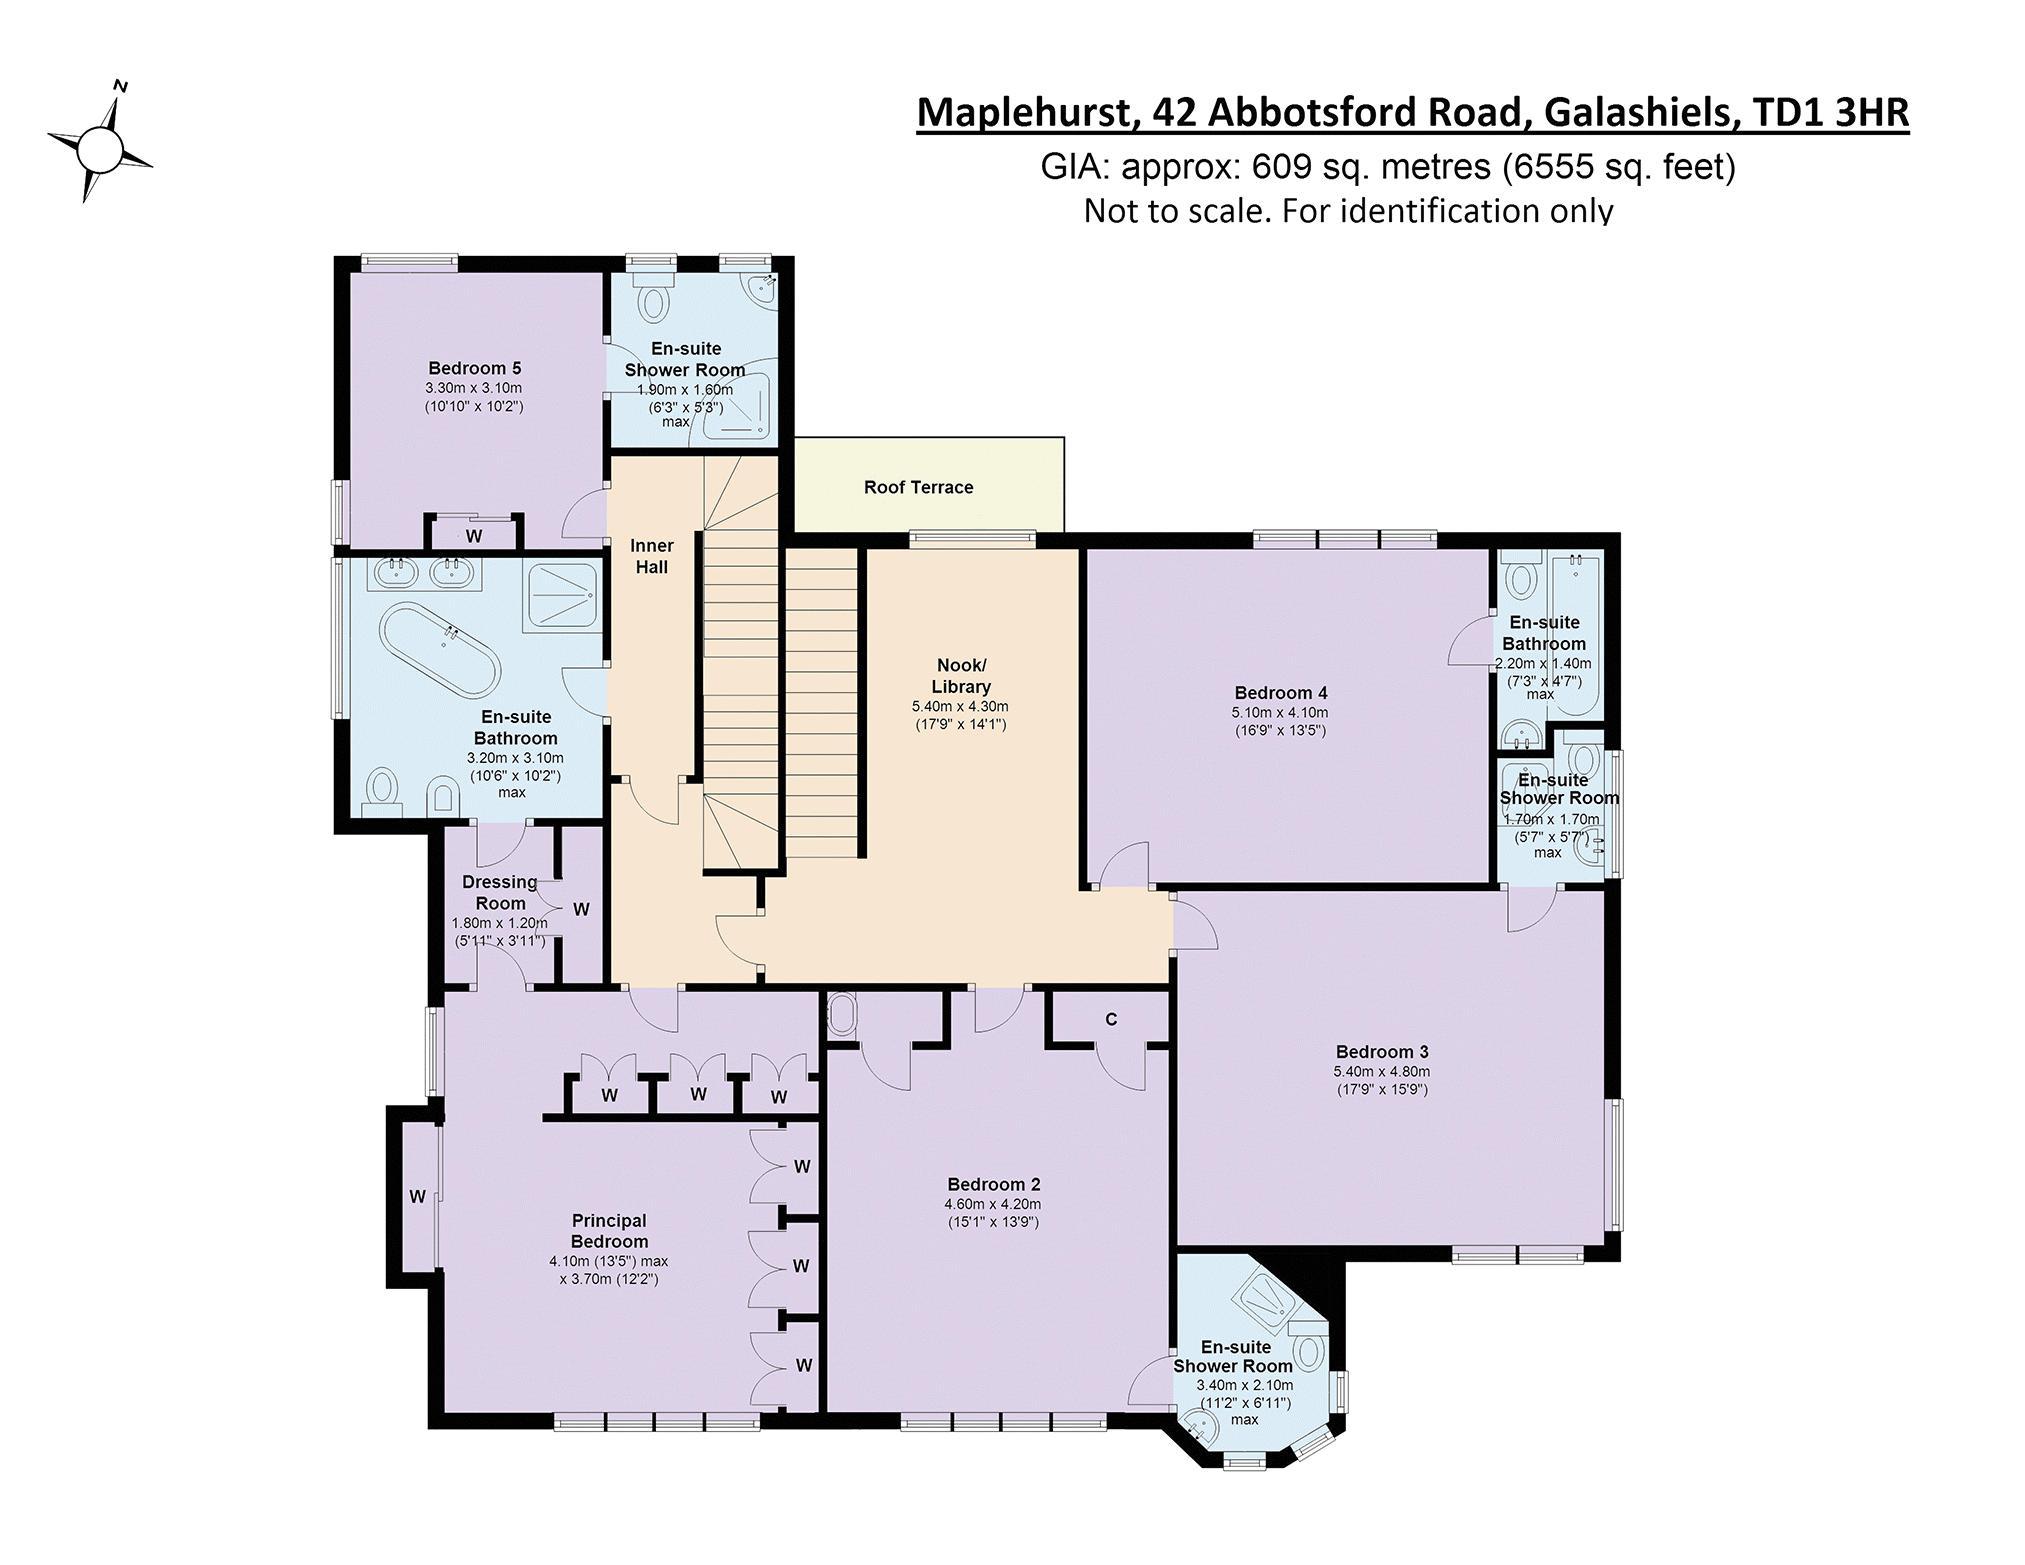 Maplehurst First Floor